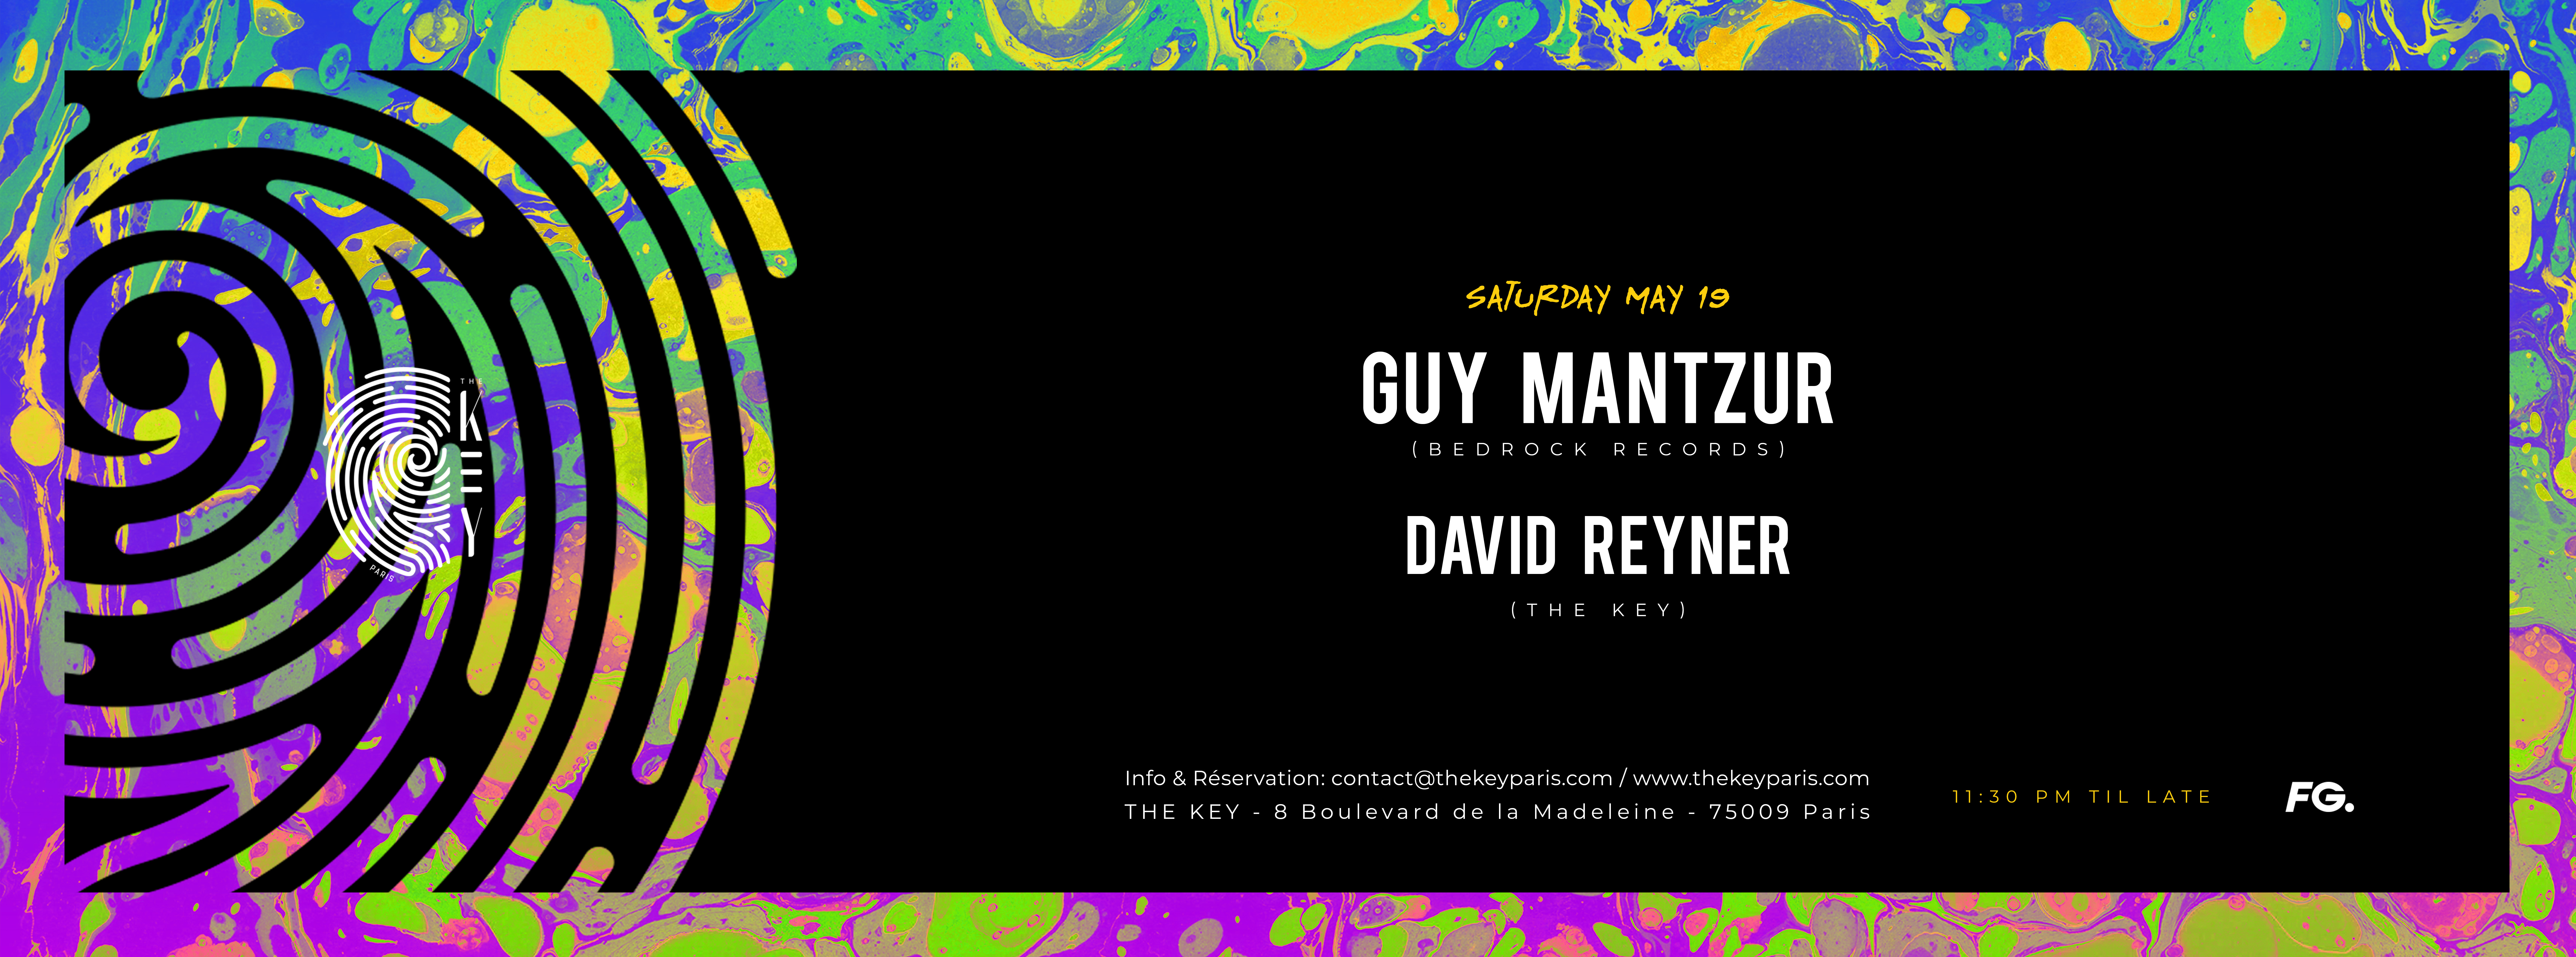 The Key Presents : Guy Mantzur, David Reyner